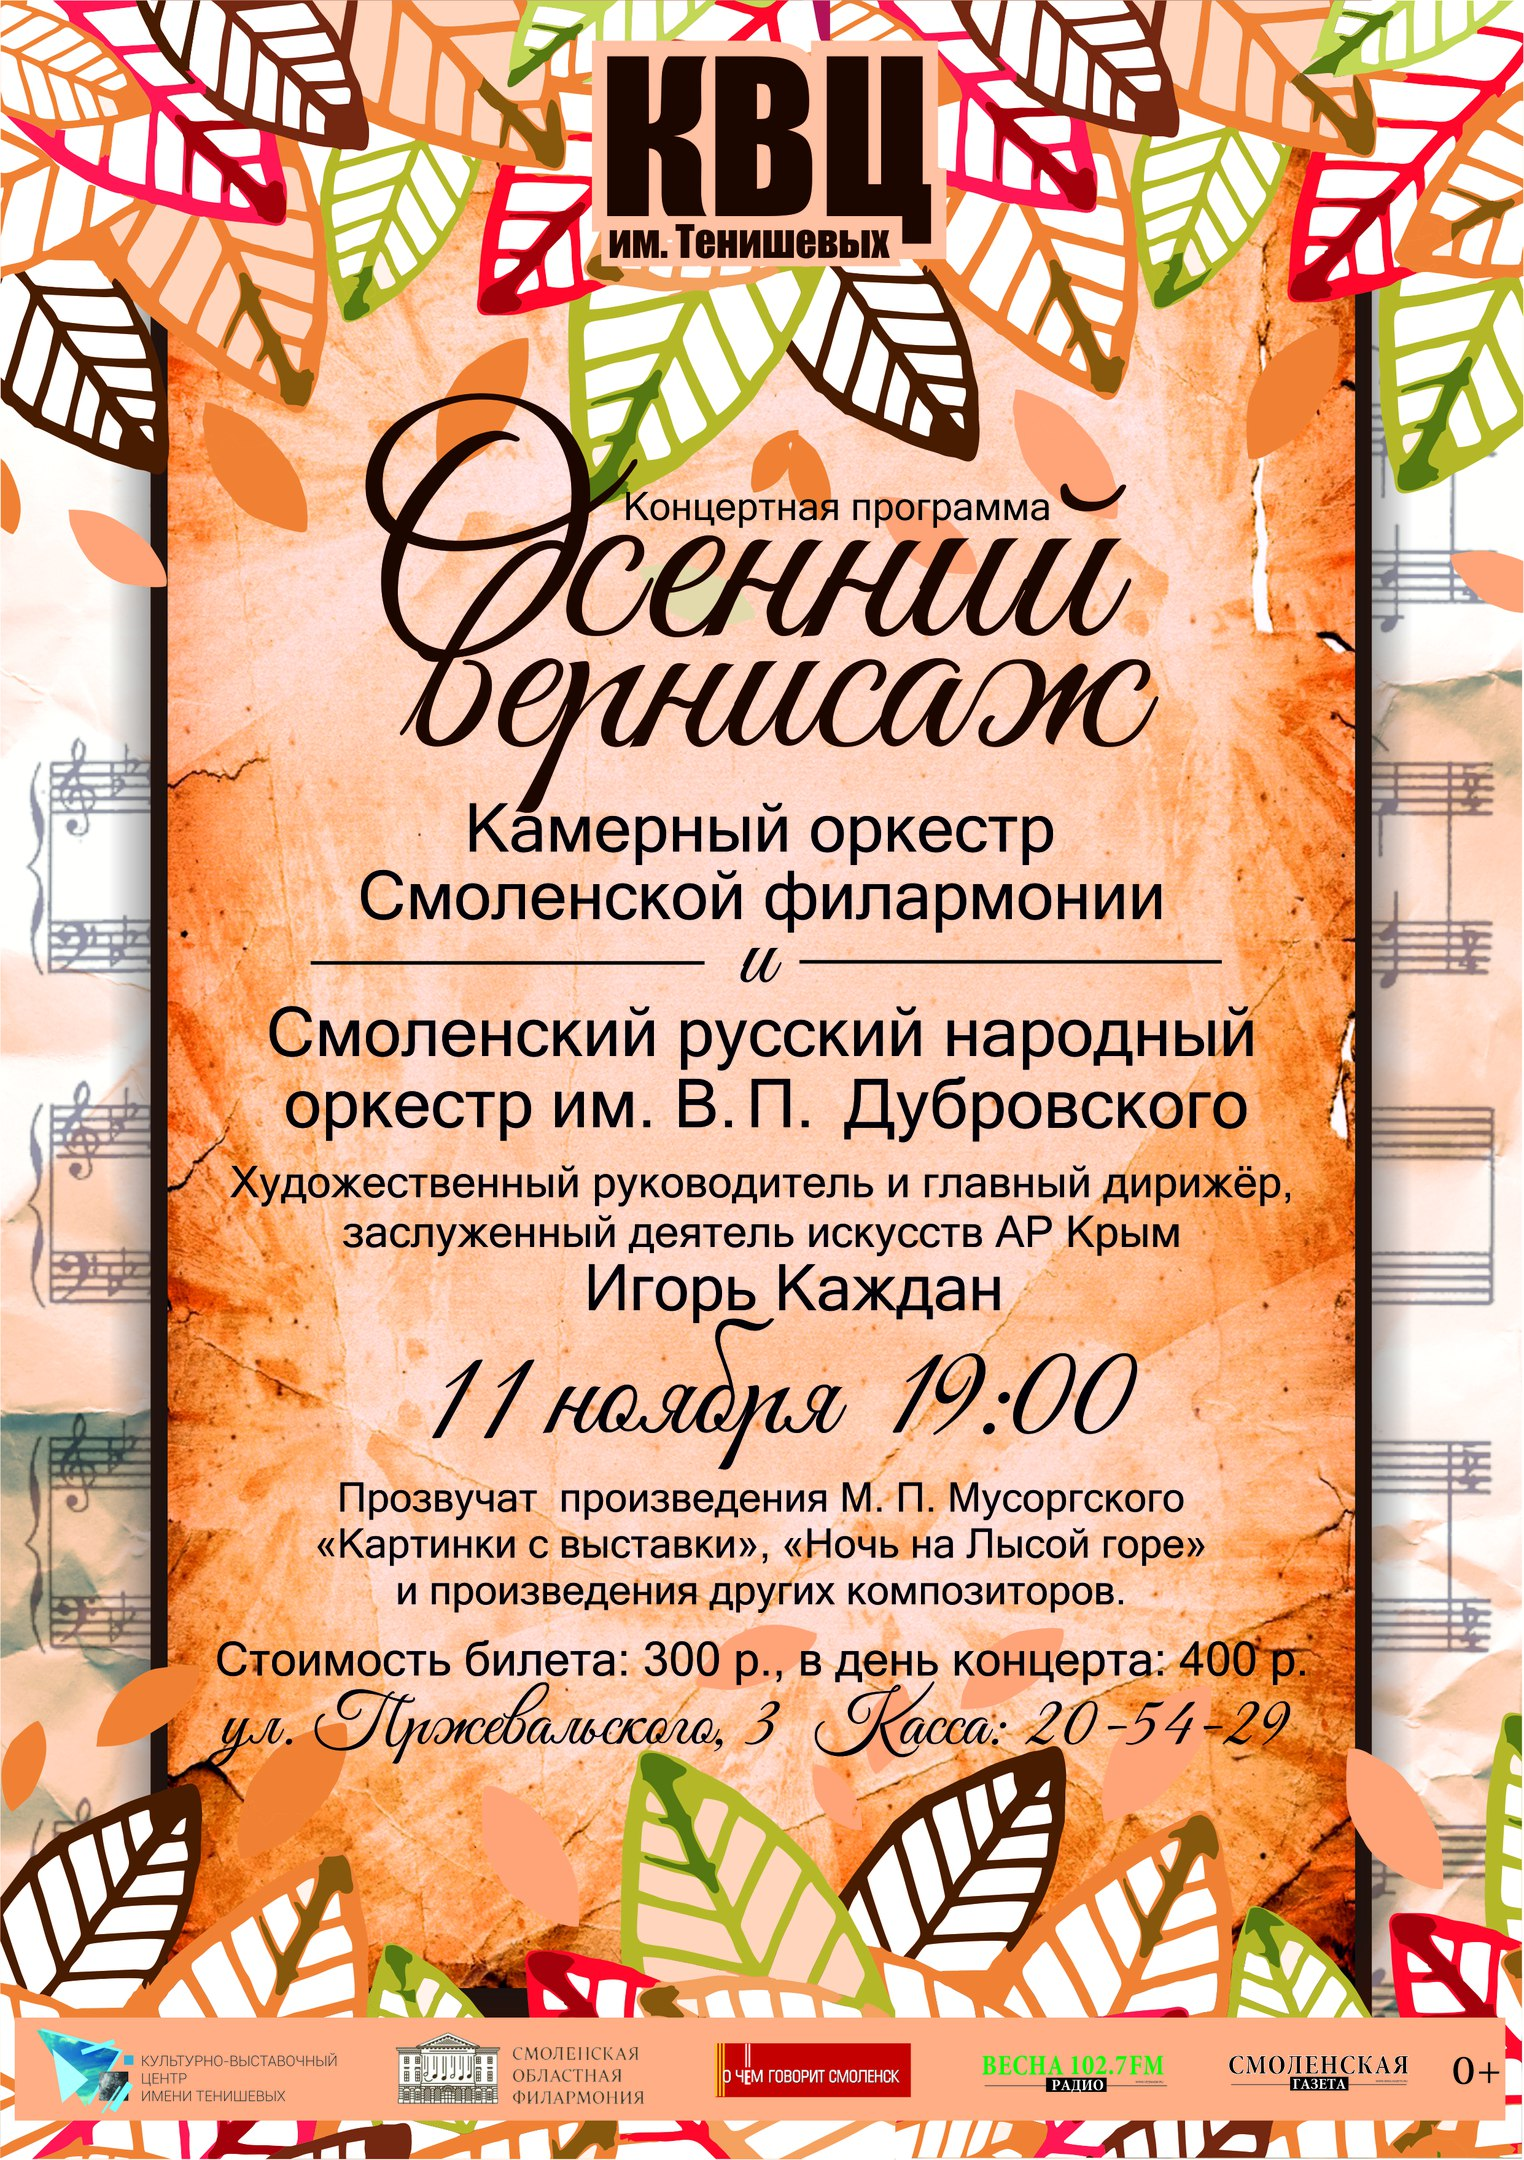 В Смоленске состоится музыкальный «Осенний вернисаж»